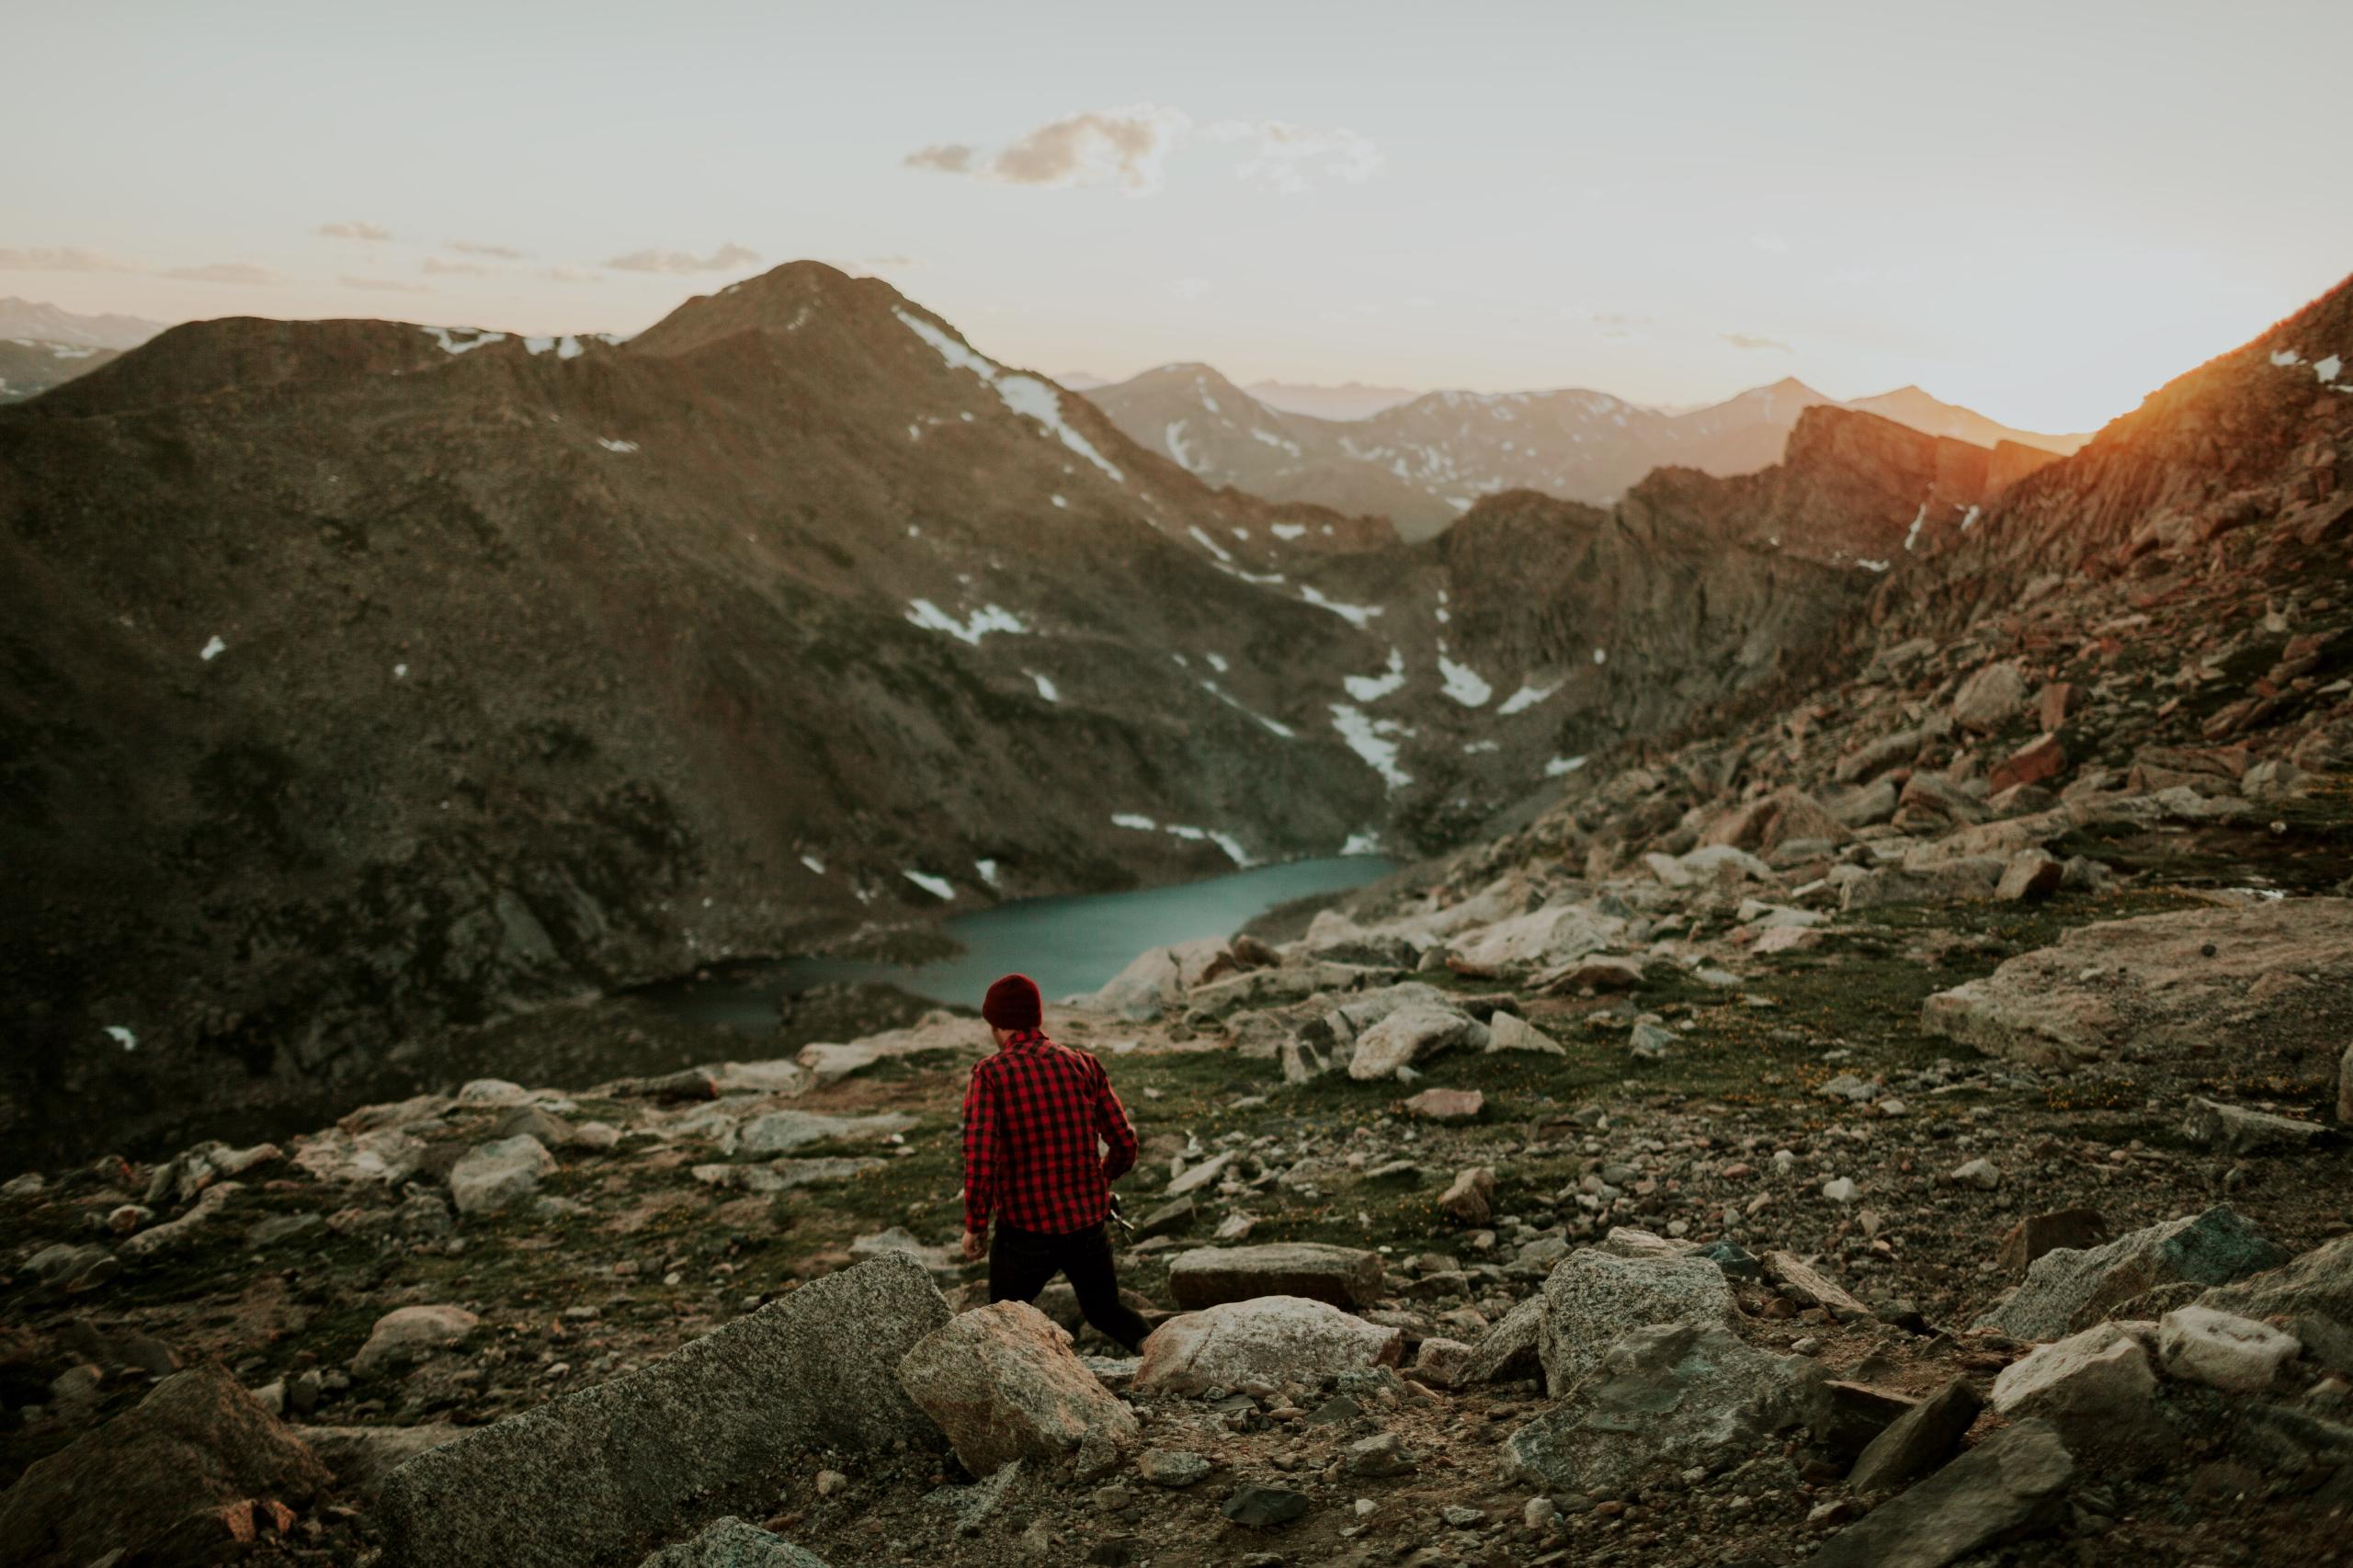 Mount Evans, CO IG: kate_rosee - kate_rose | ello